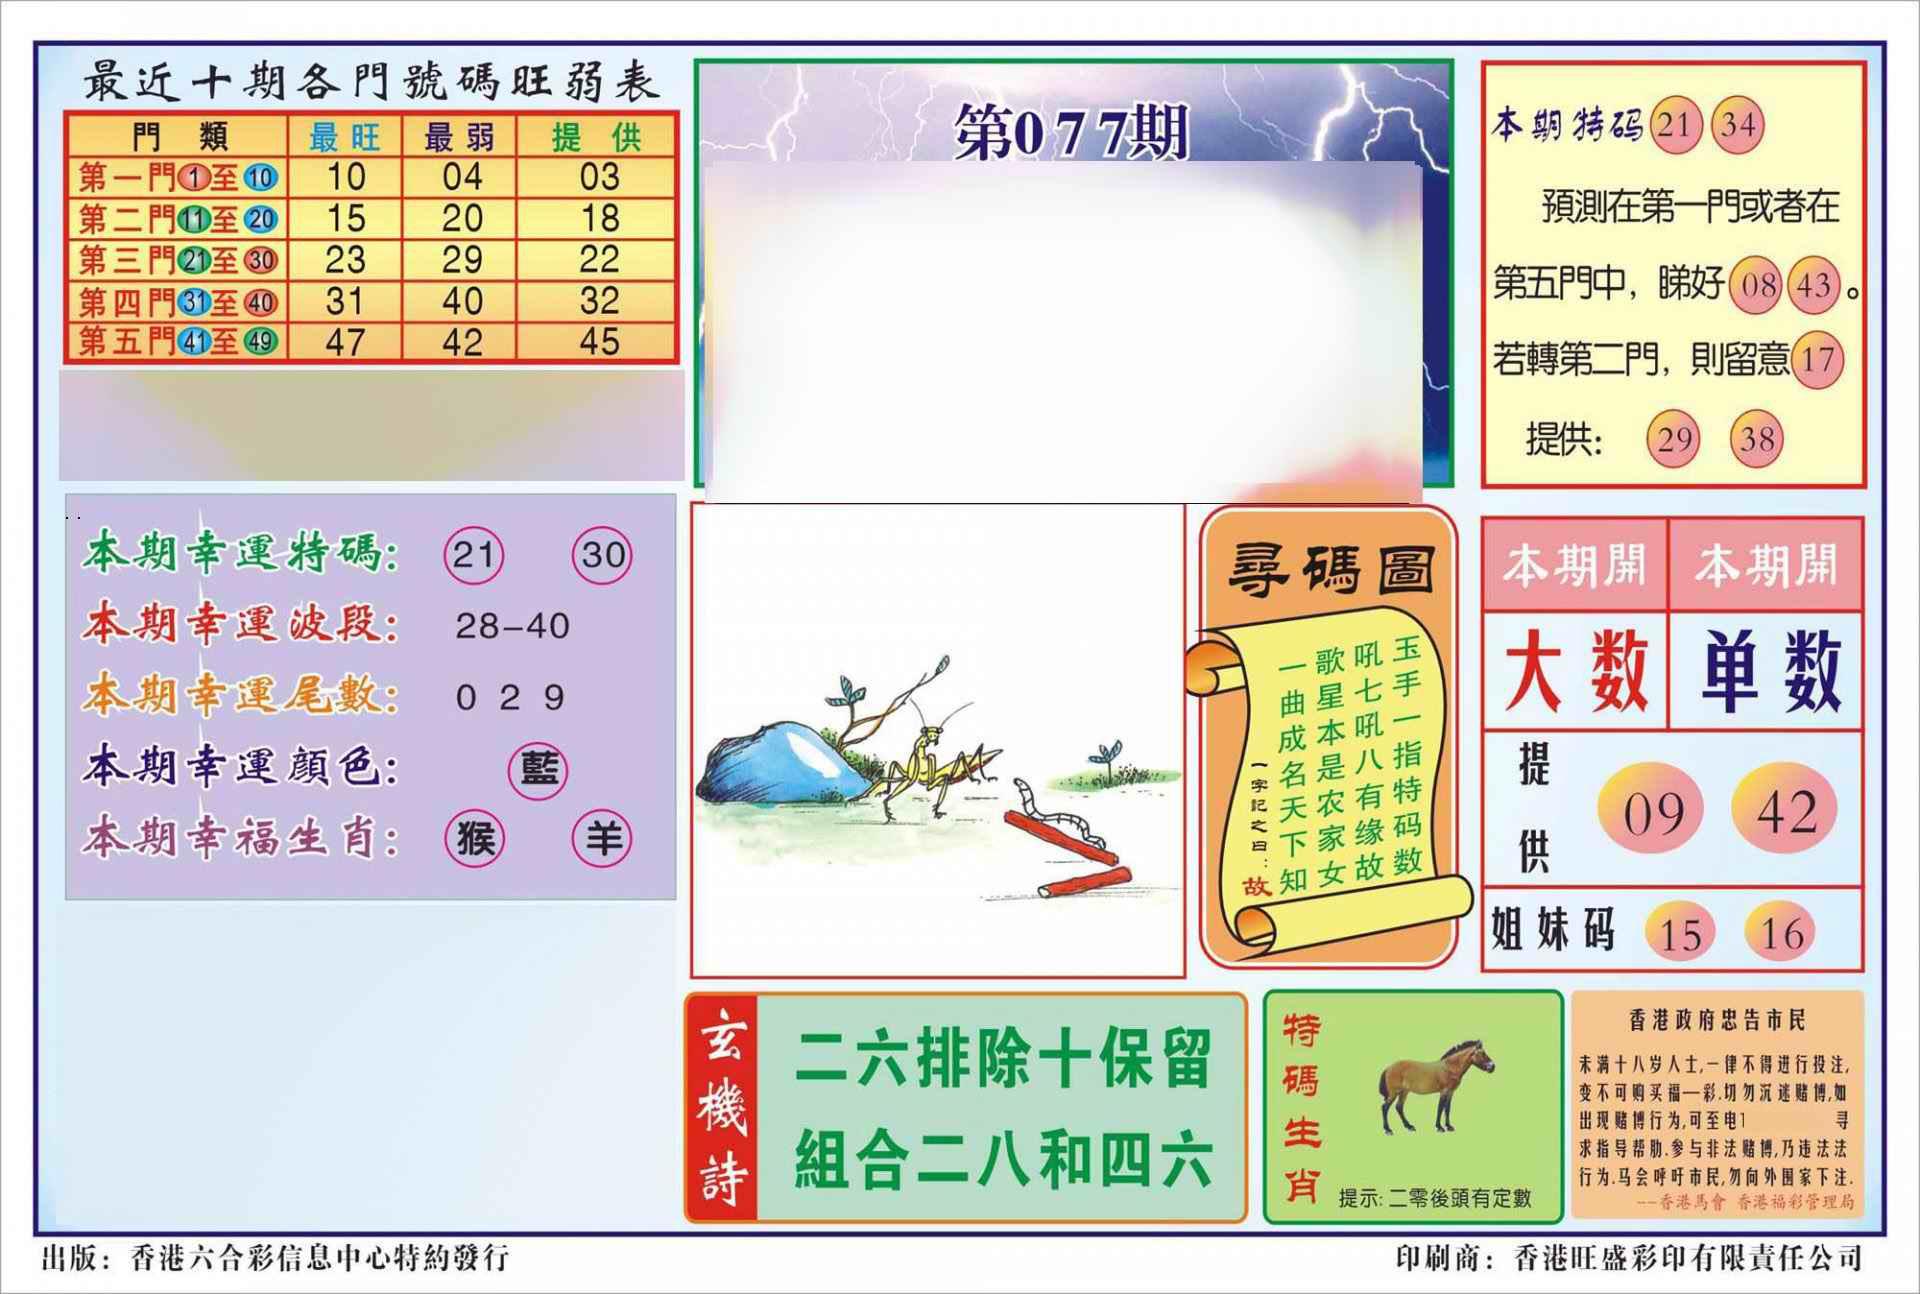 077期香港逢赌必羸(新图)